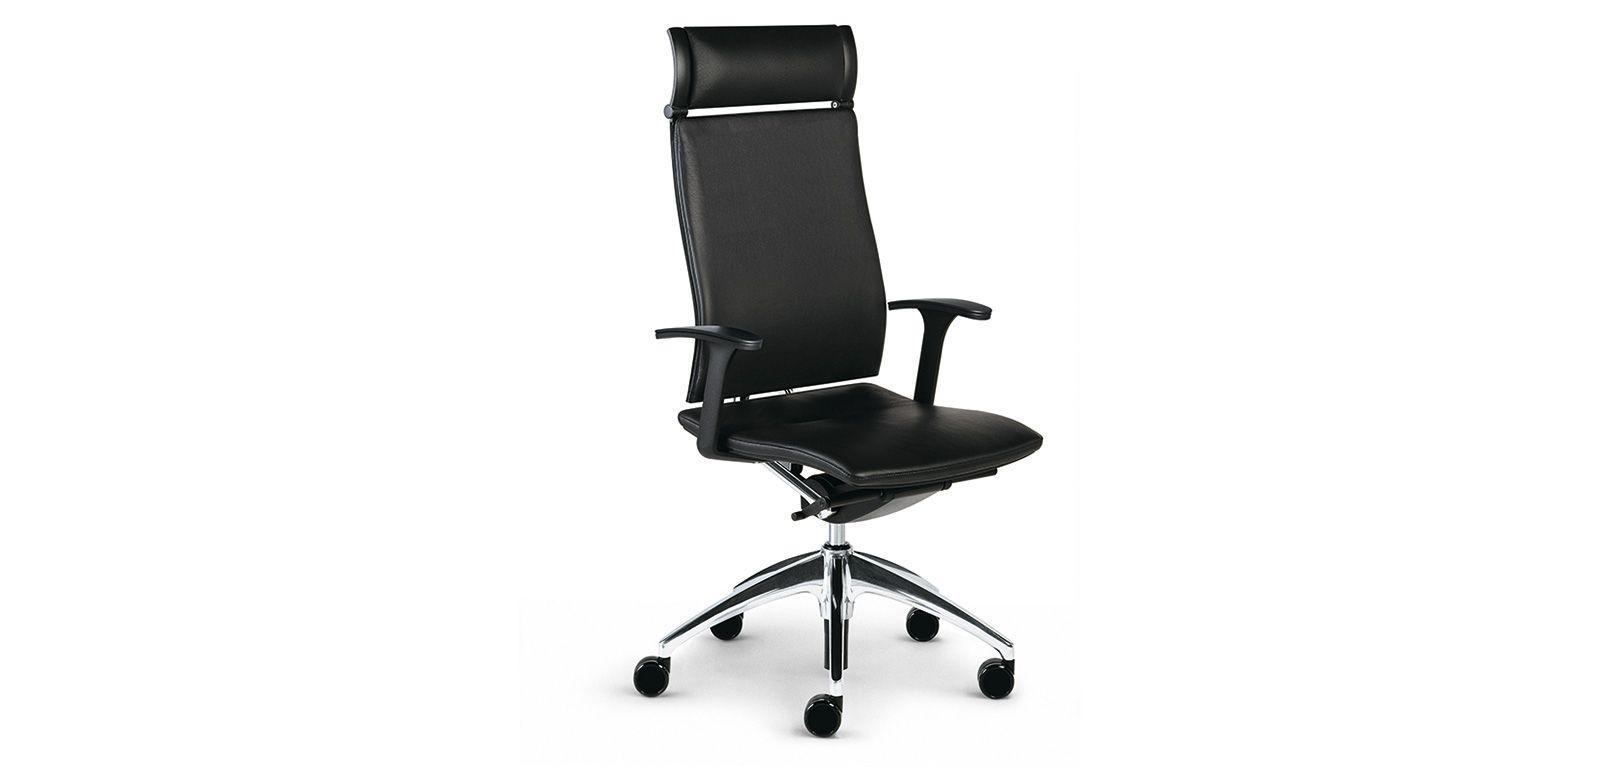 mobilier de bureau design pour professionnel am nagement collectivit silvera. Black Bedroom Furniture Sets. Home Design Ideas